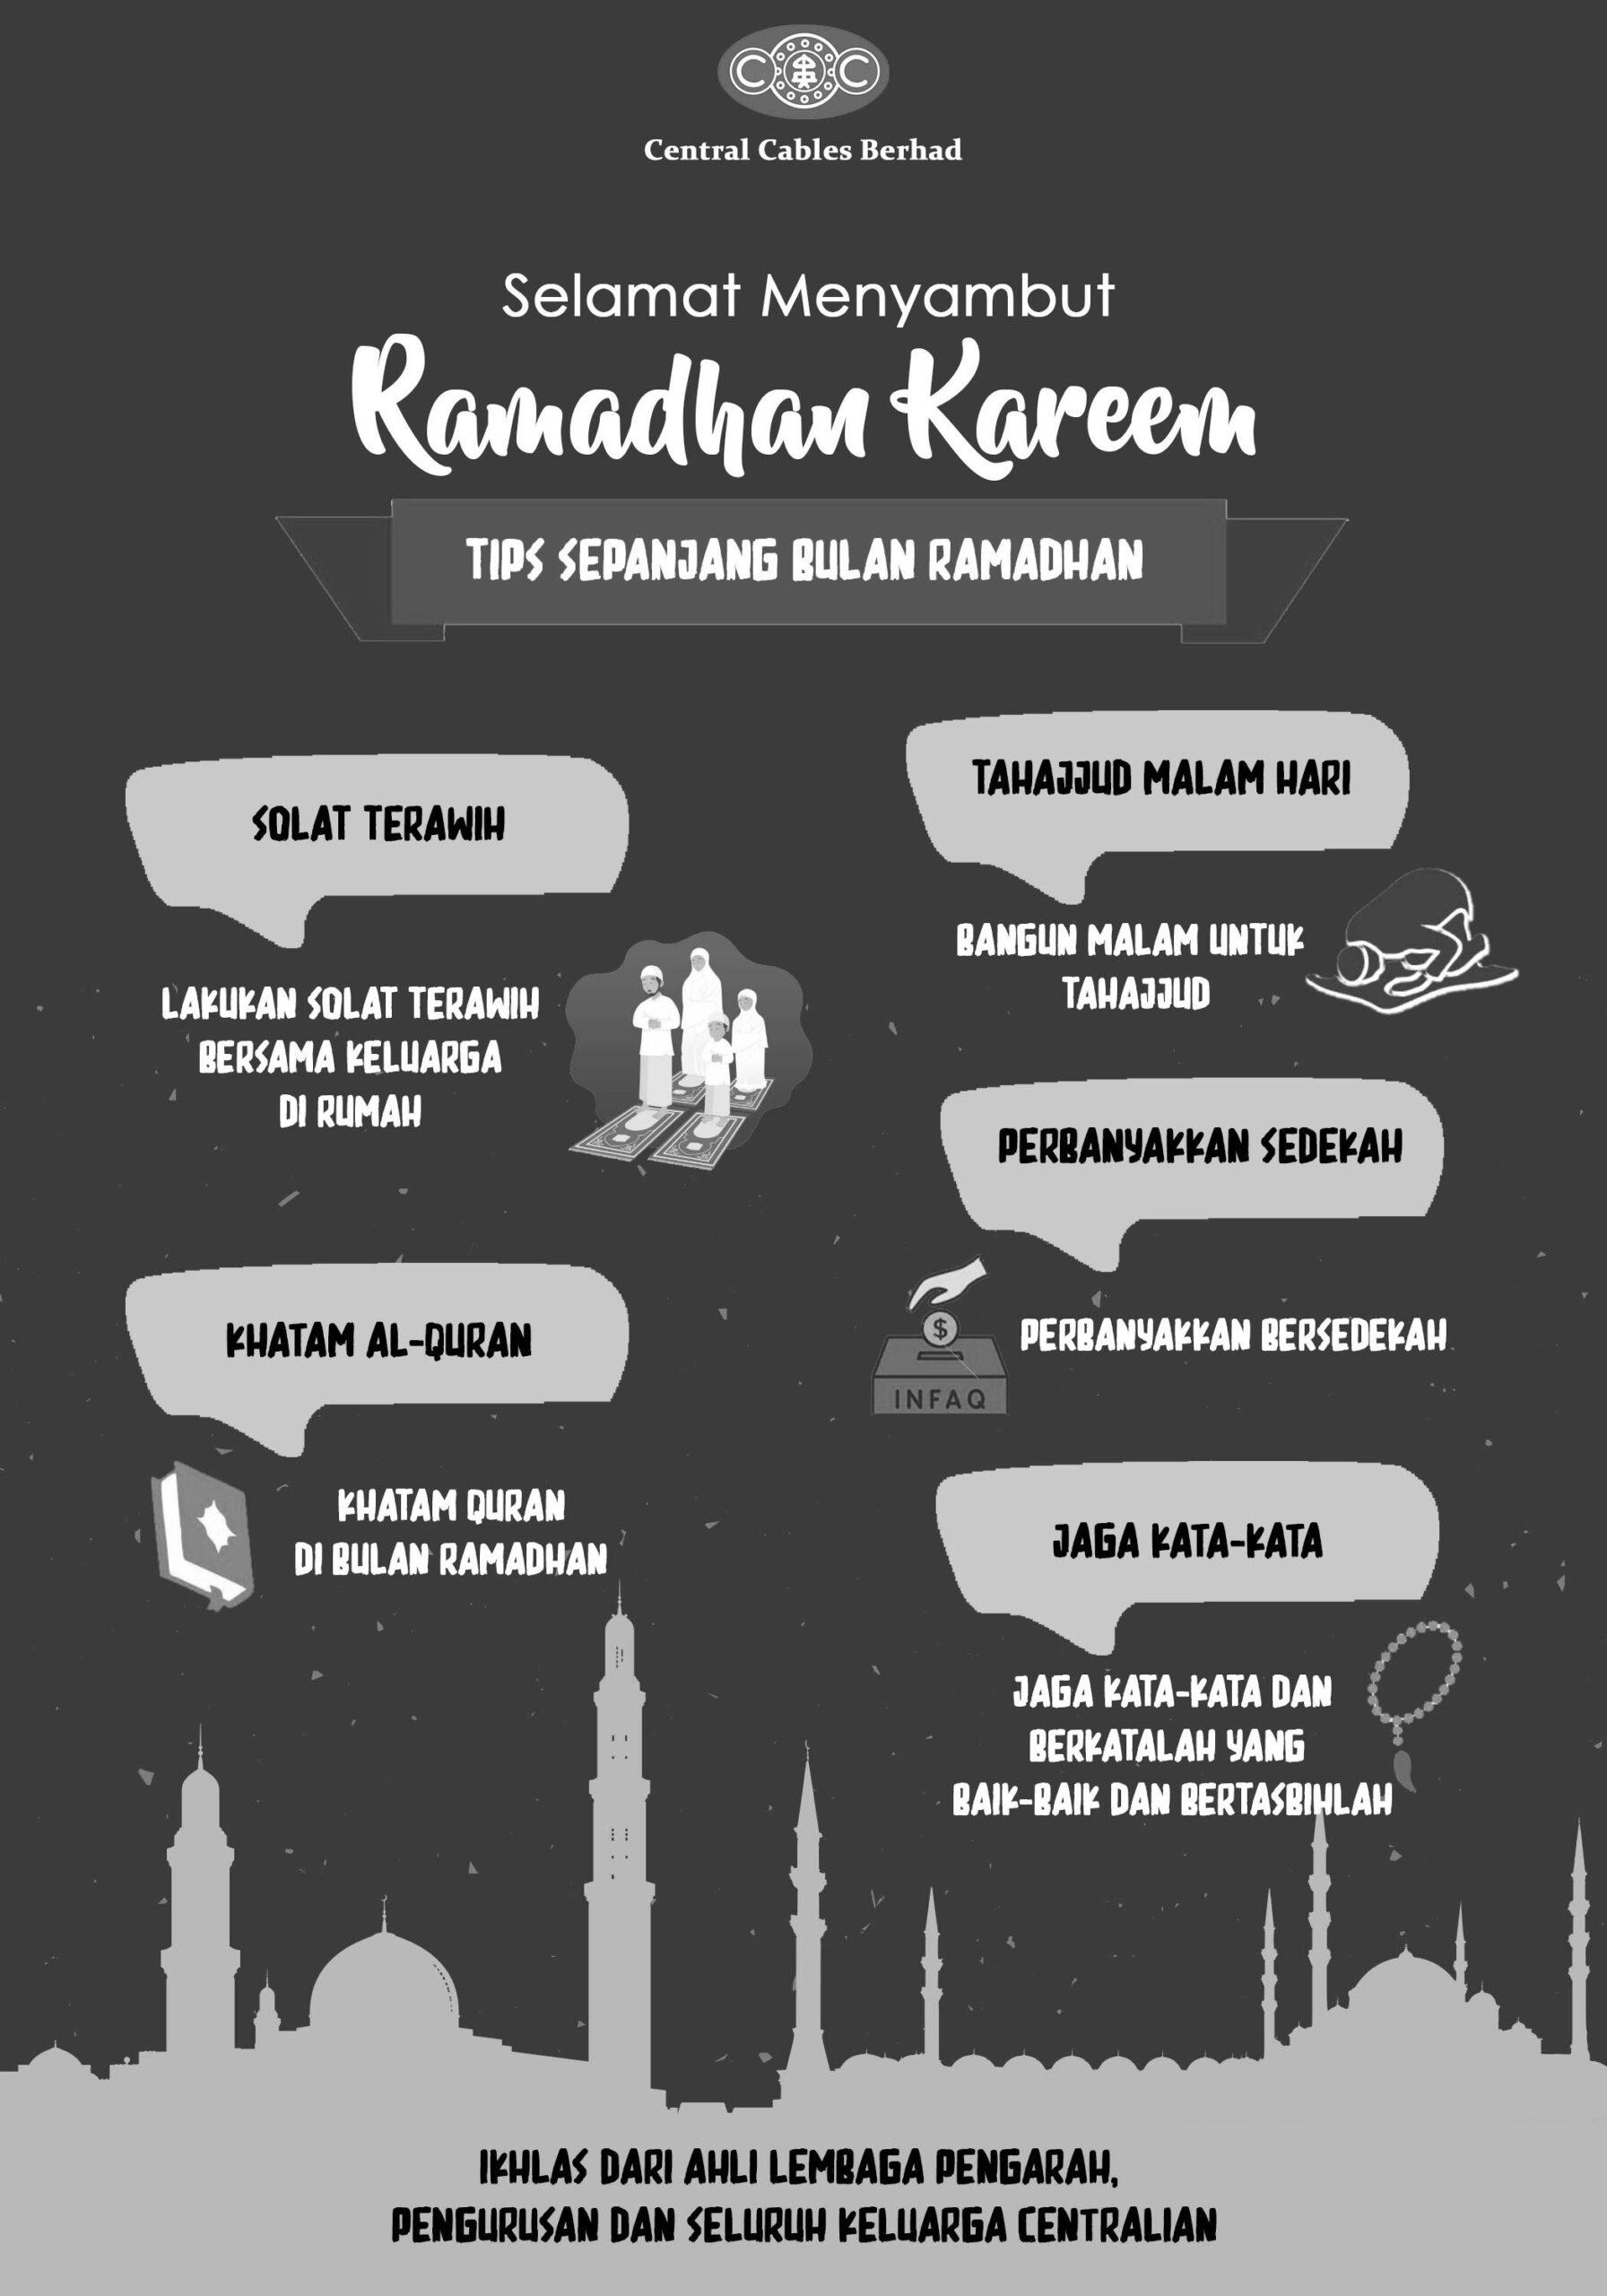 Selamat menyambut ibadah puasa kepada seluruh umat islam.